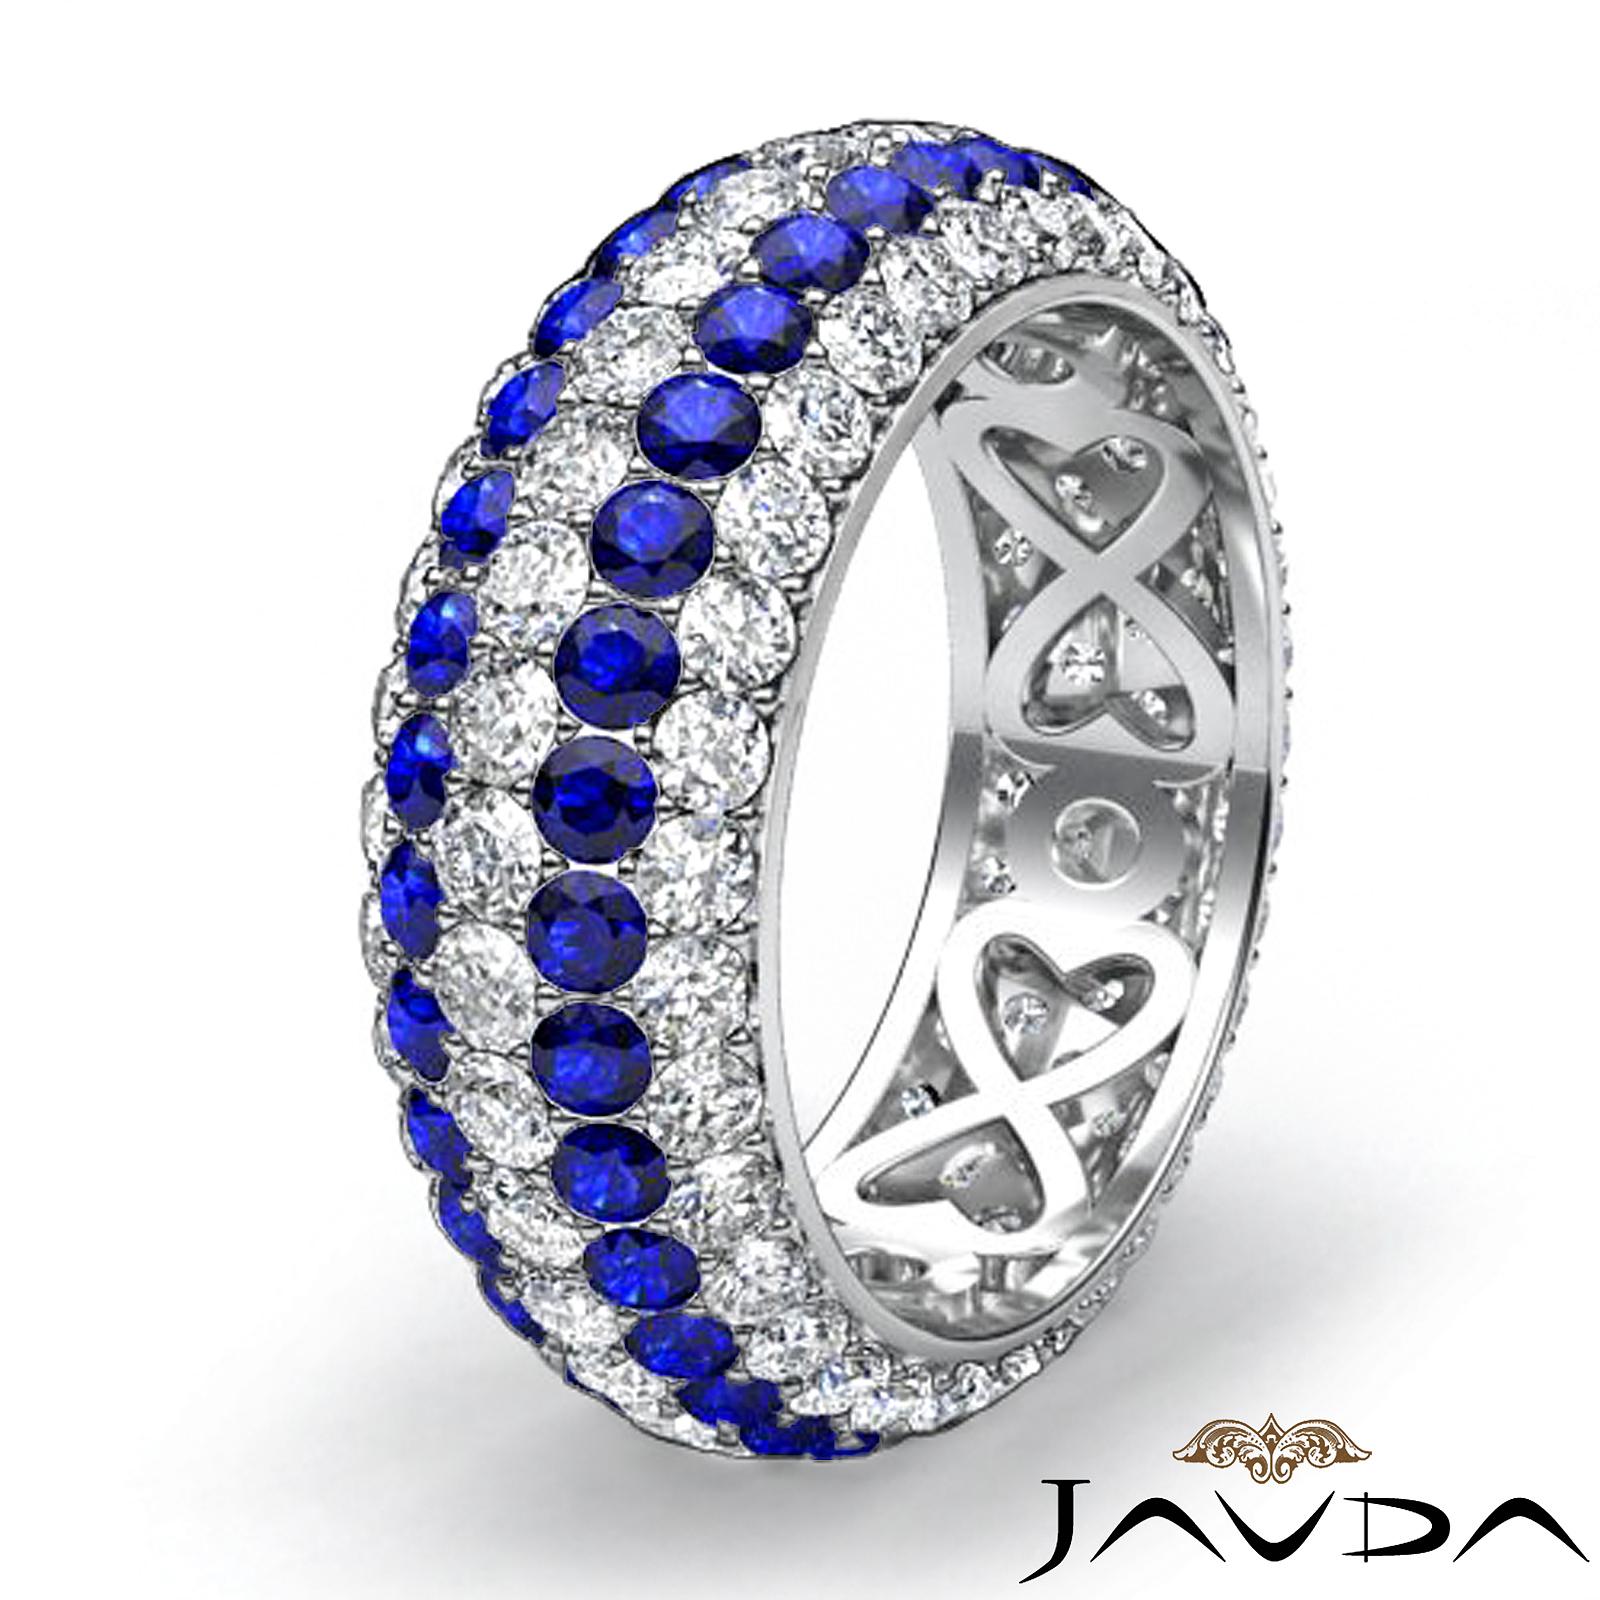 5 Row Eternity Womens Ring Sapphire Diamond Anniversary